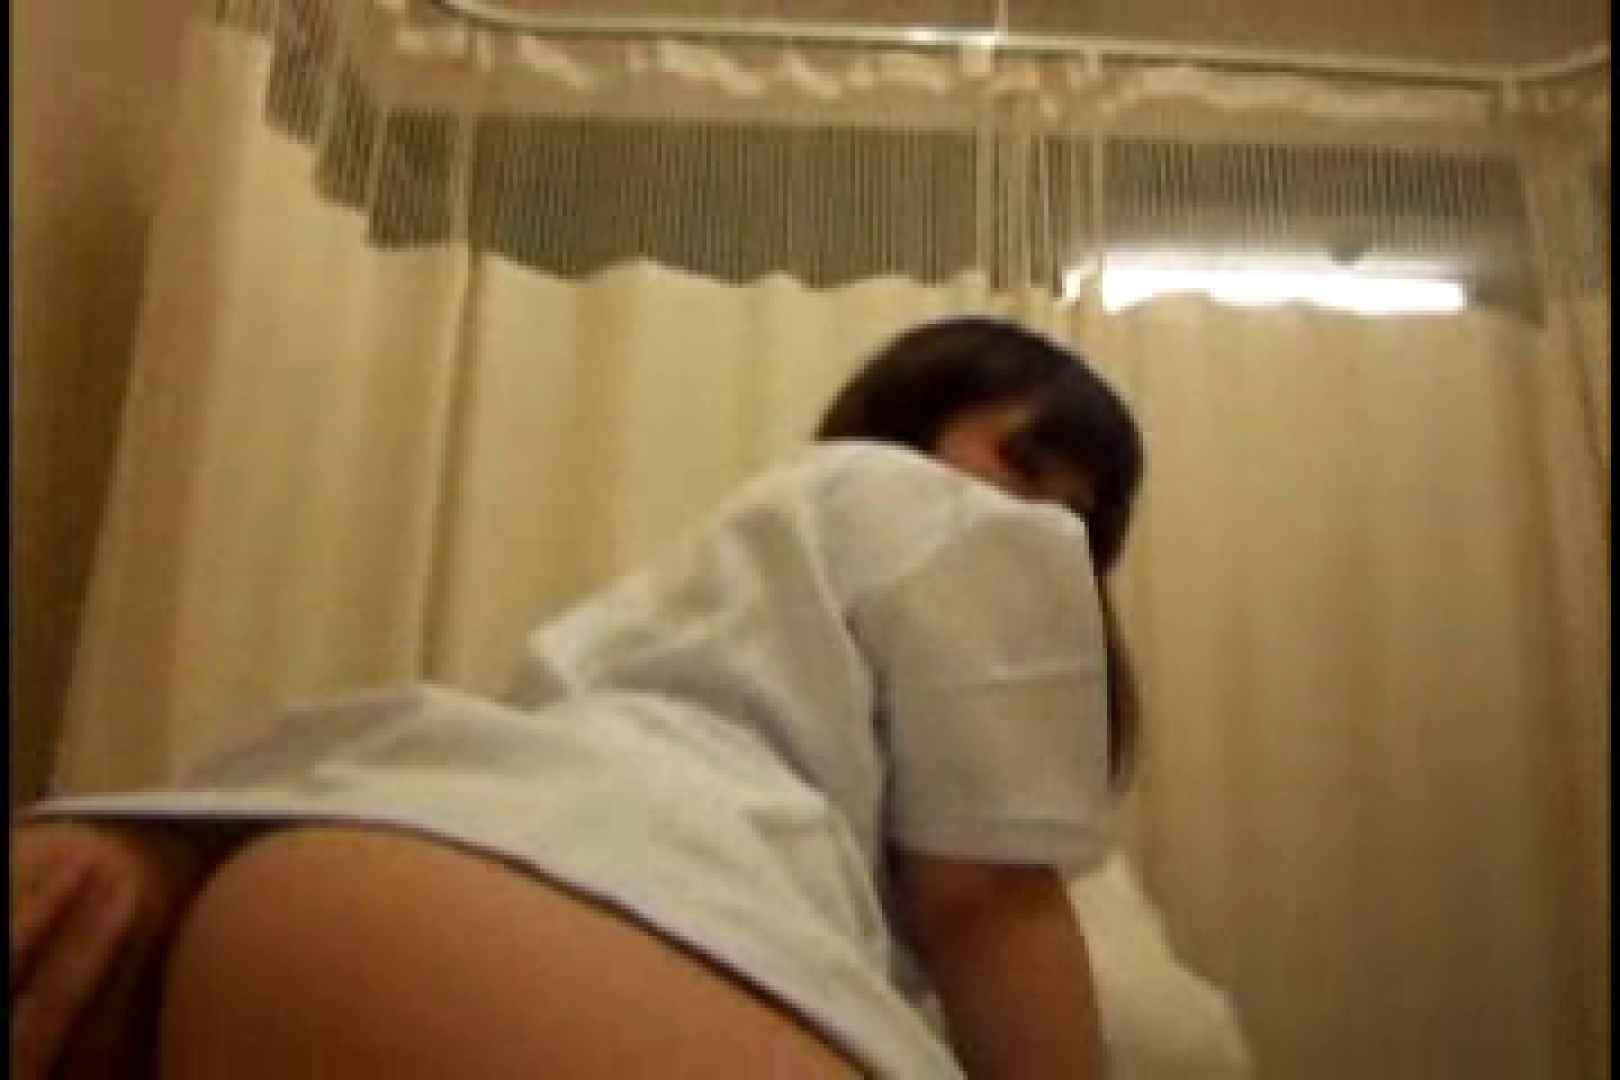 ヤリマンと呼ばれた看護士さんvol2 シックスナイン  106PIX 96